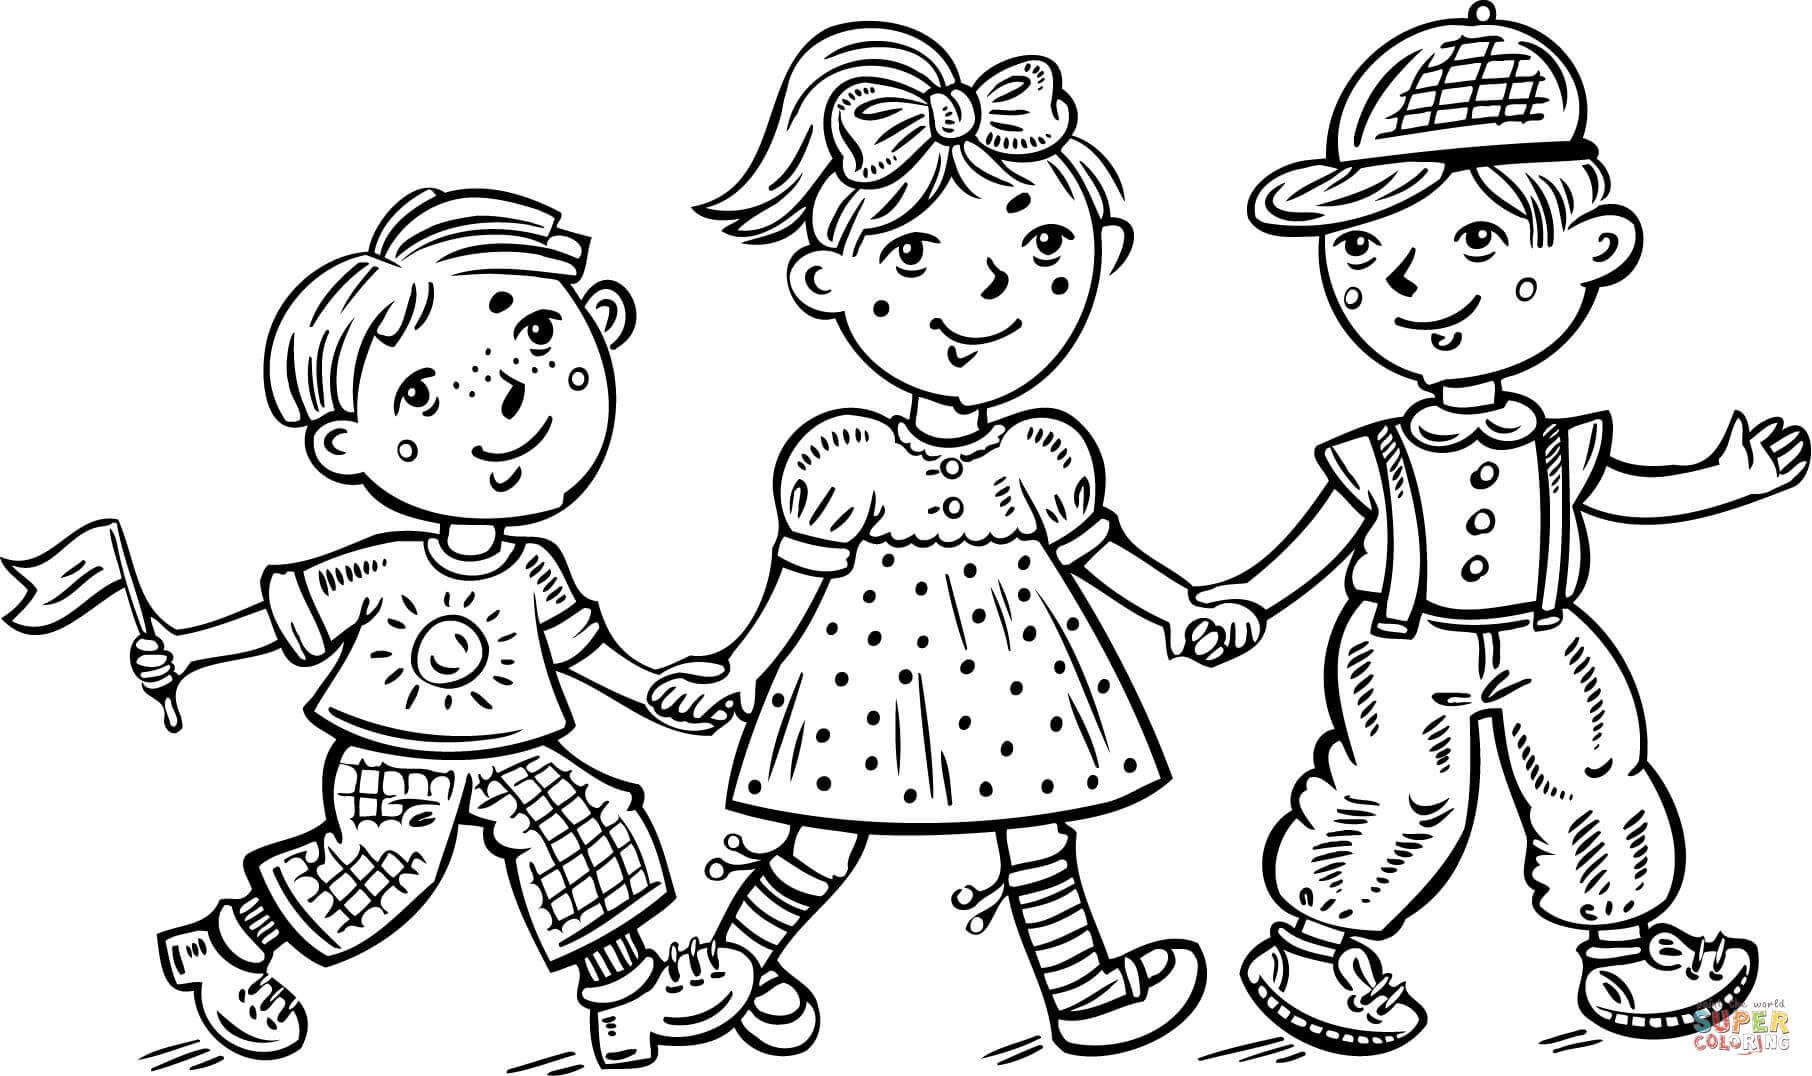 Раскраски с изображениями мальчиков. Раскраски с детьми.     Раскраски для малышей с изображениями мальчиков. Раскраски с мальчиками. Дети. Скачать раскраски с детьми, мальчиками. Милые раскраски с детками, малышами, мальчиками.